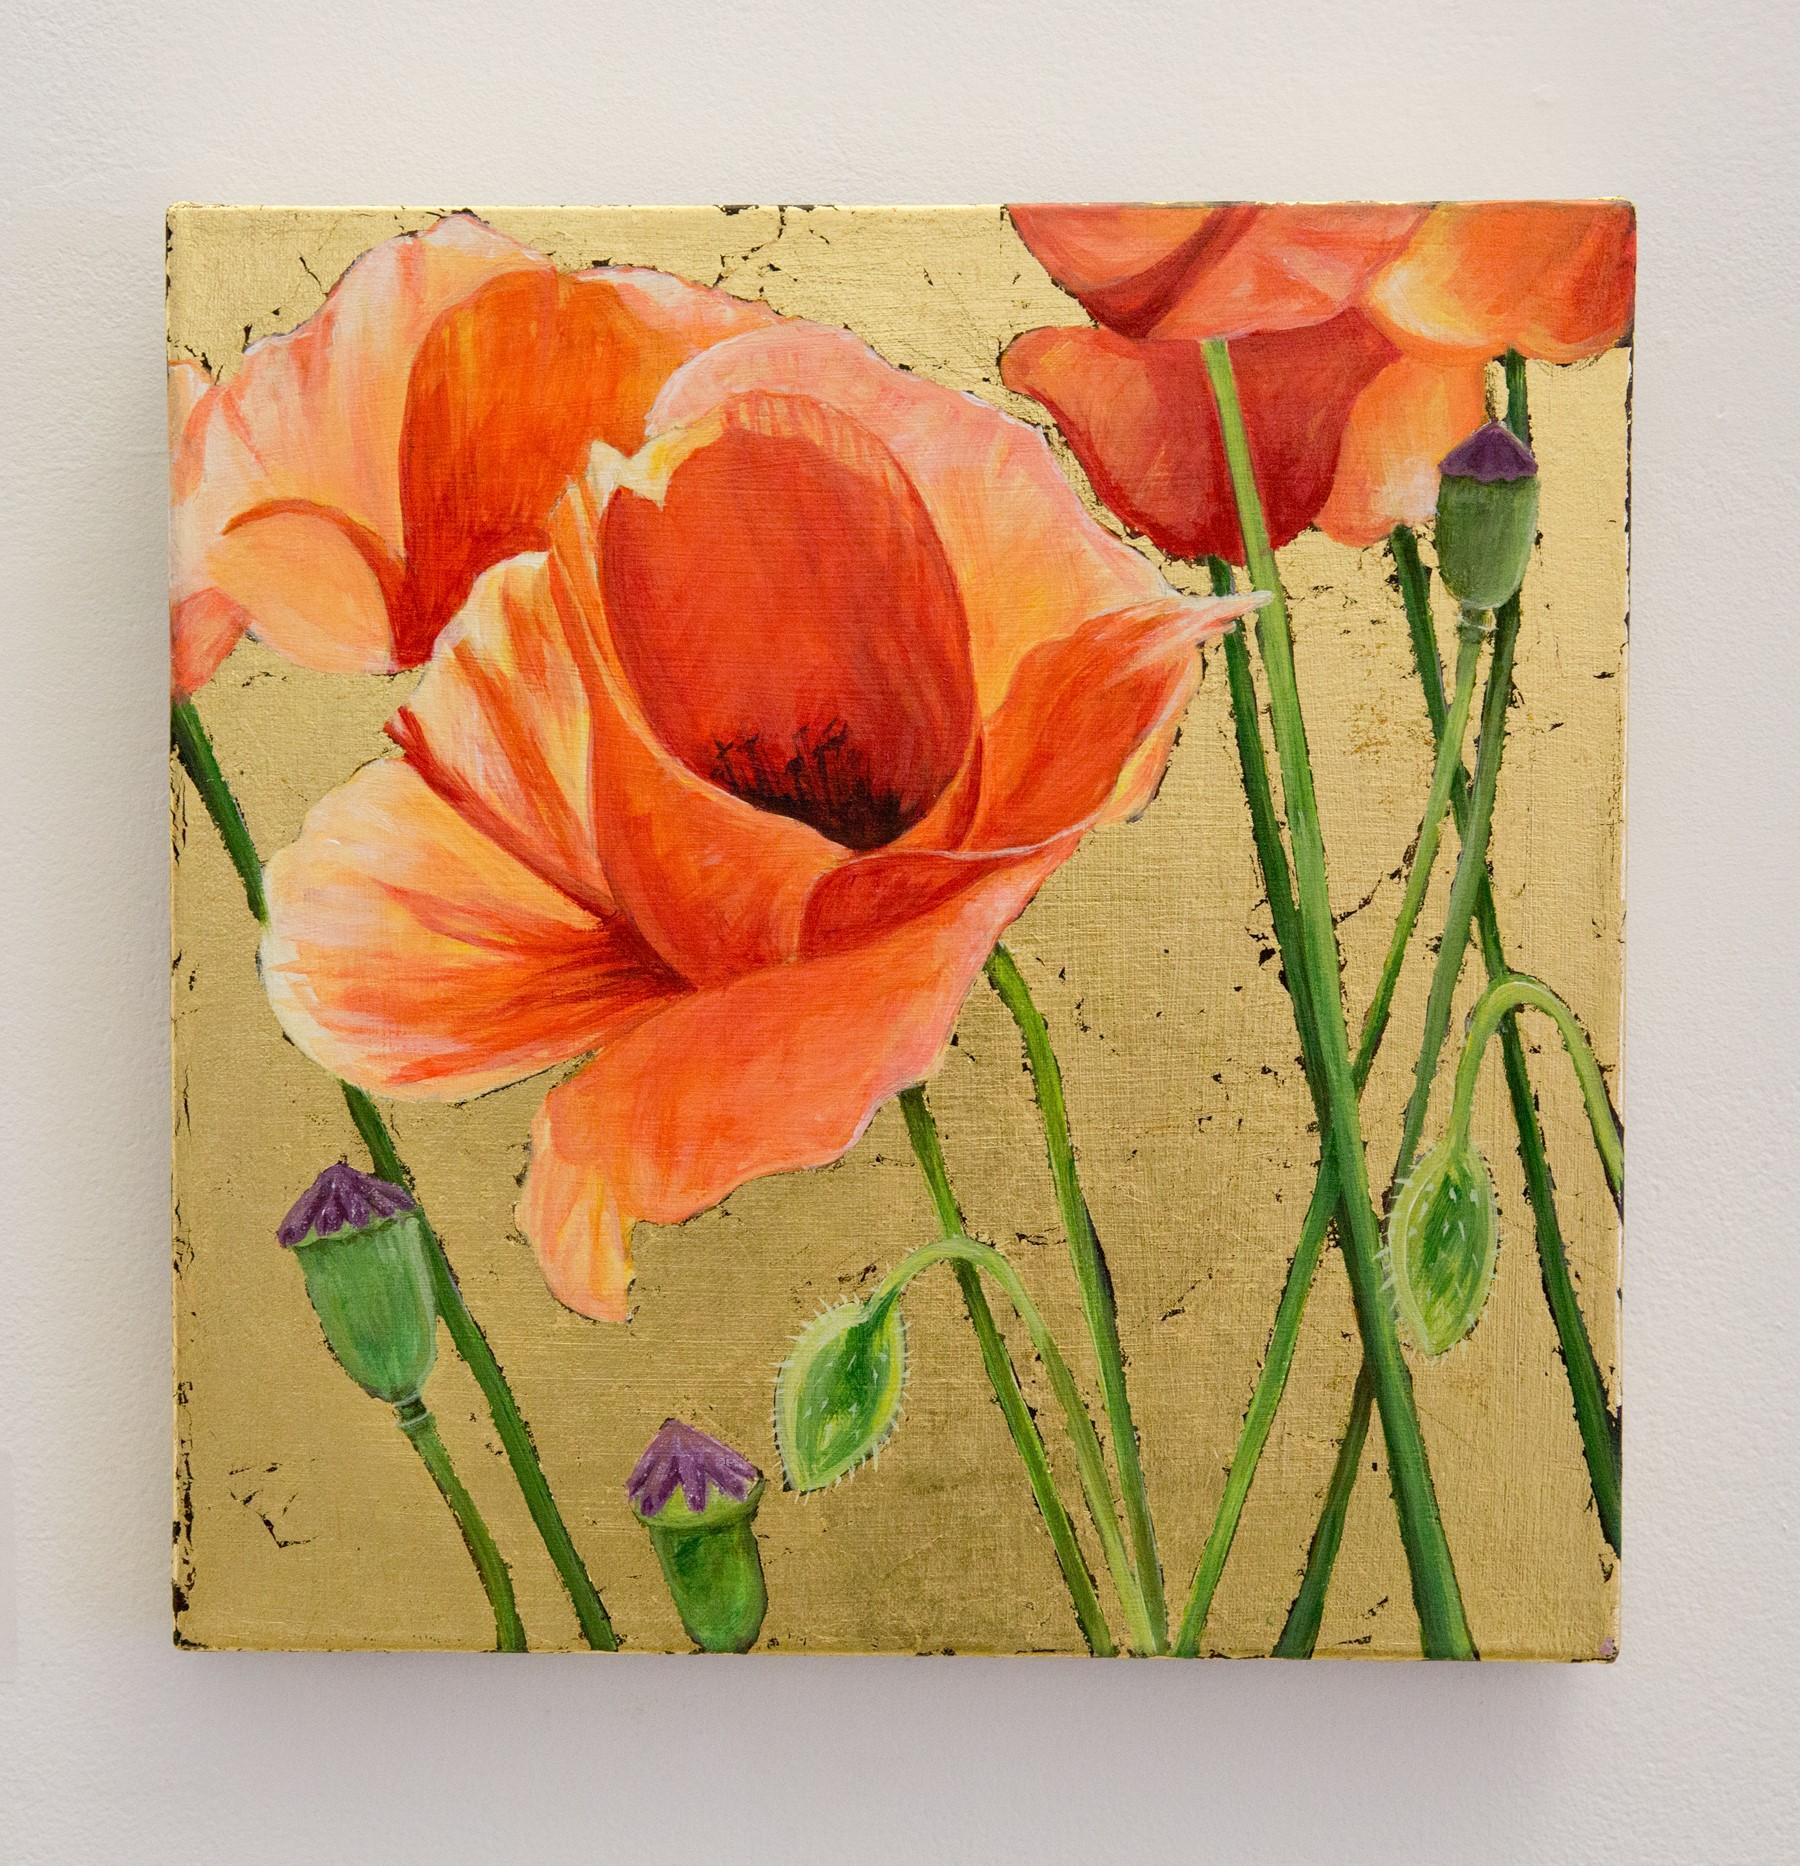 """Ceili Seipke - """"Red Poppies"""" For Sale: $200 Insta: @ceiliseipke"""